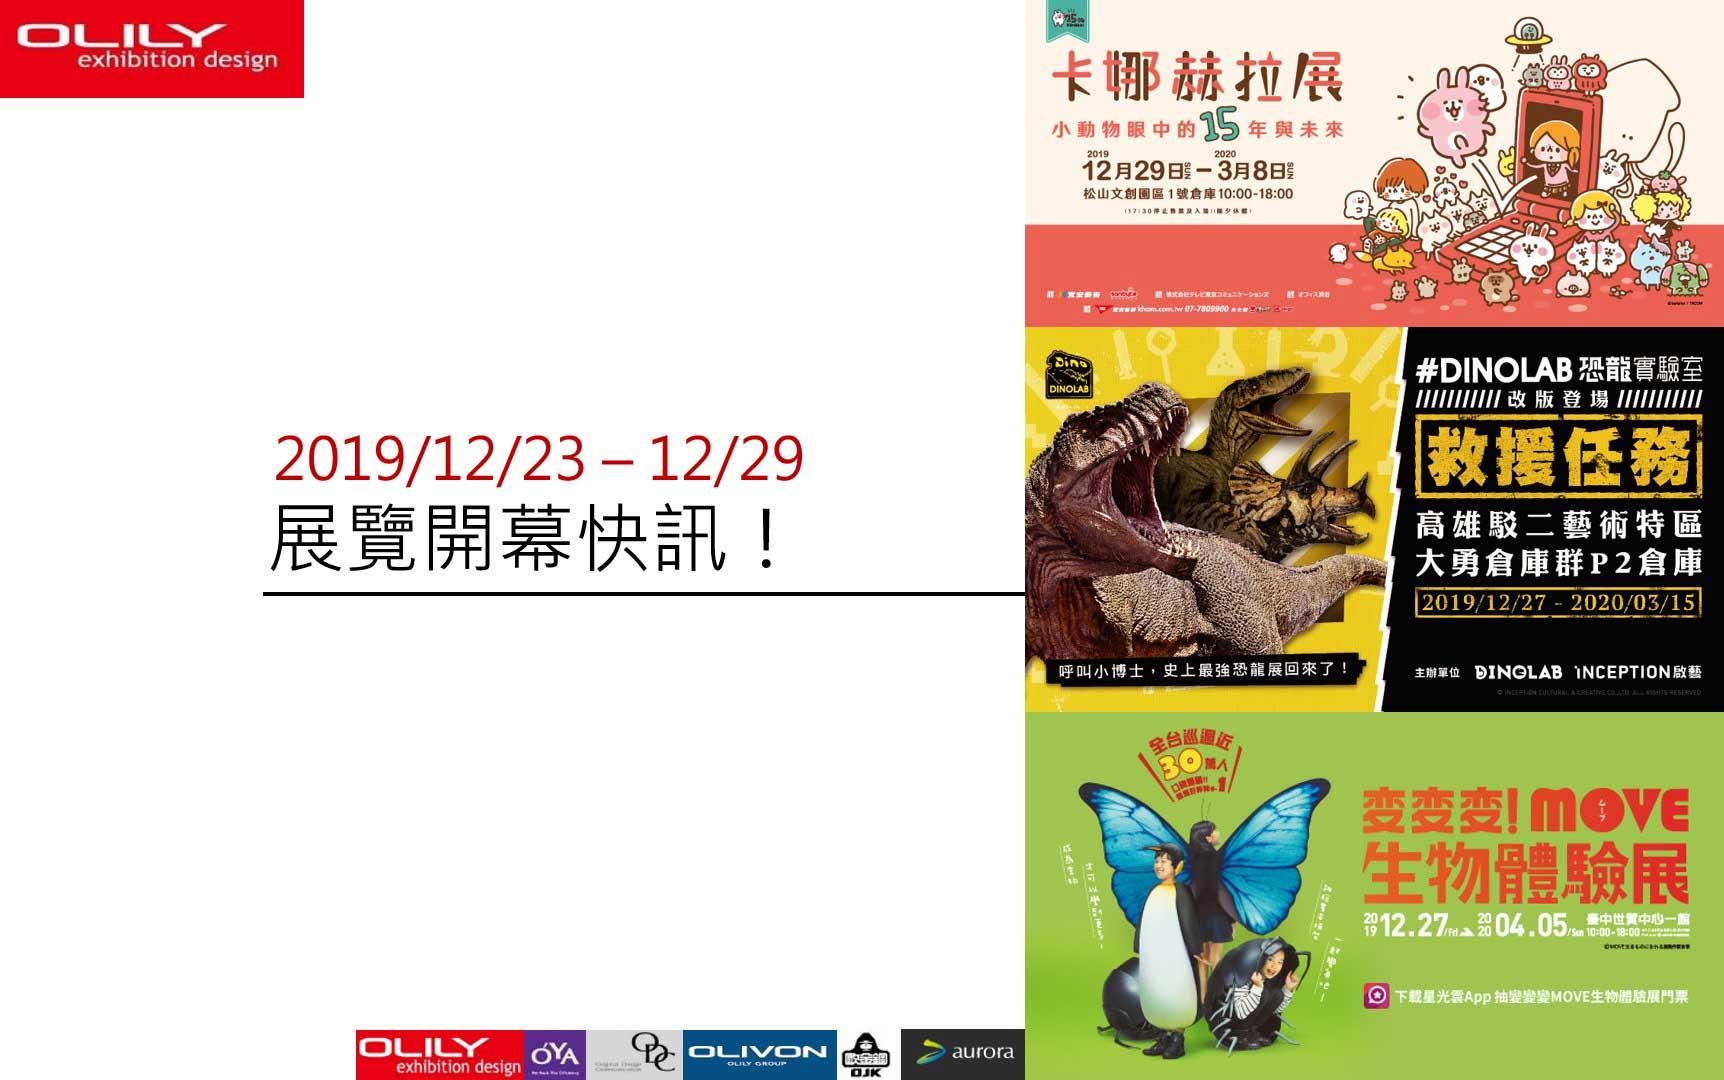 展覽資訊 1225 - 展覽設計推薦歐立利展場設計